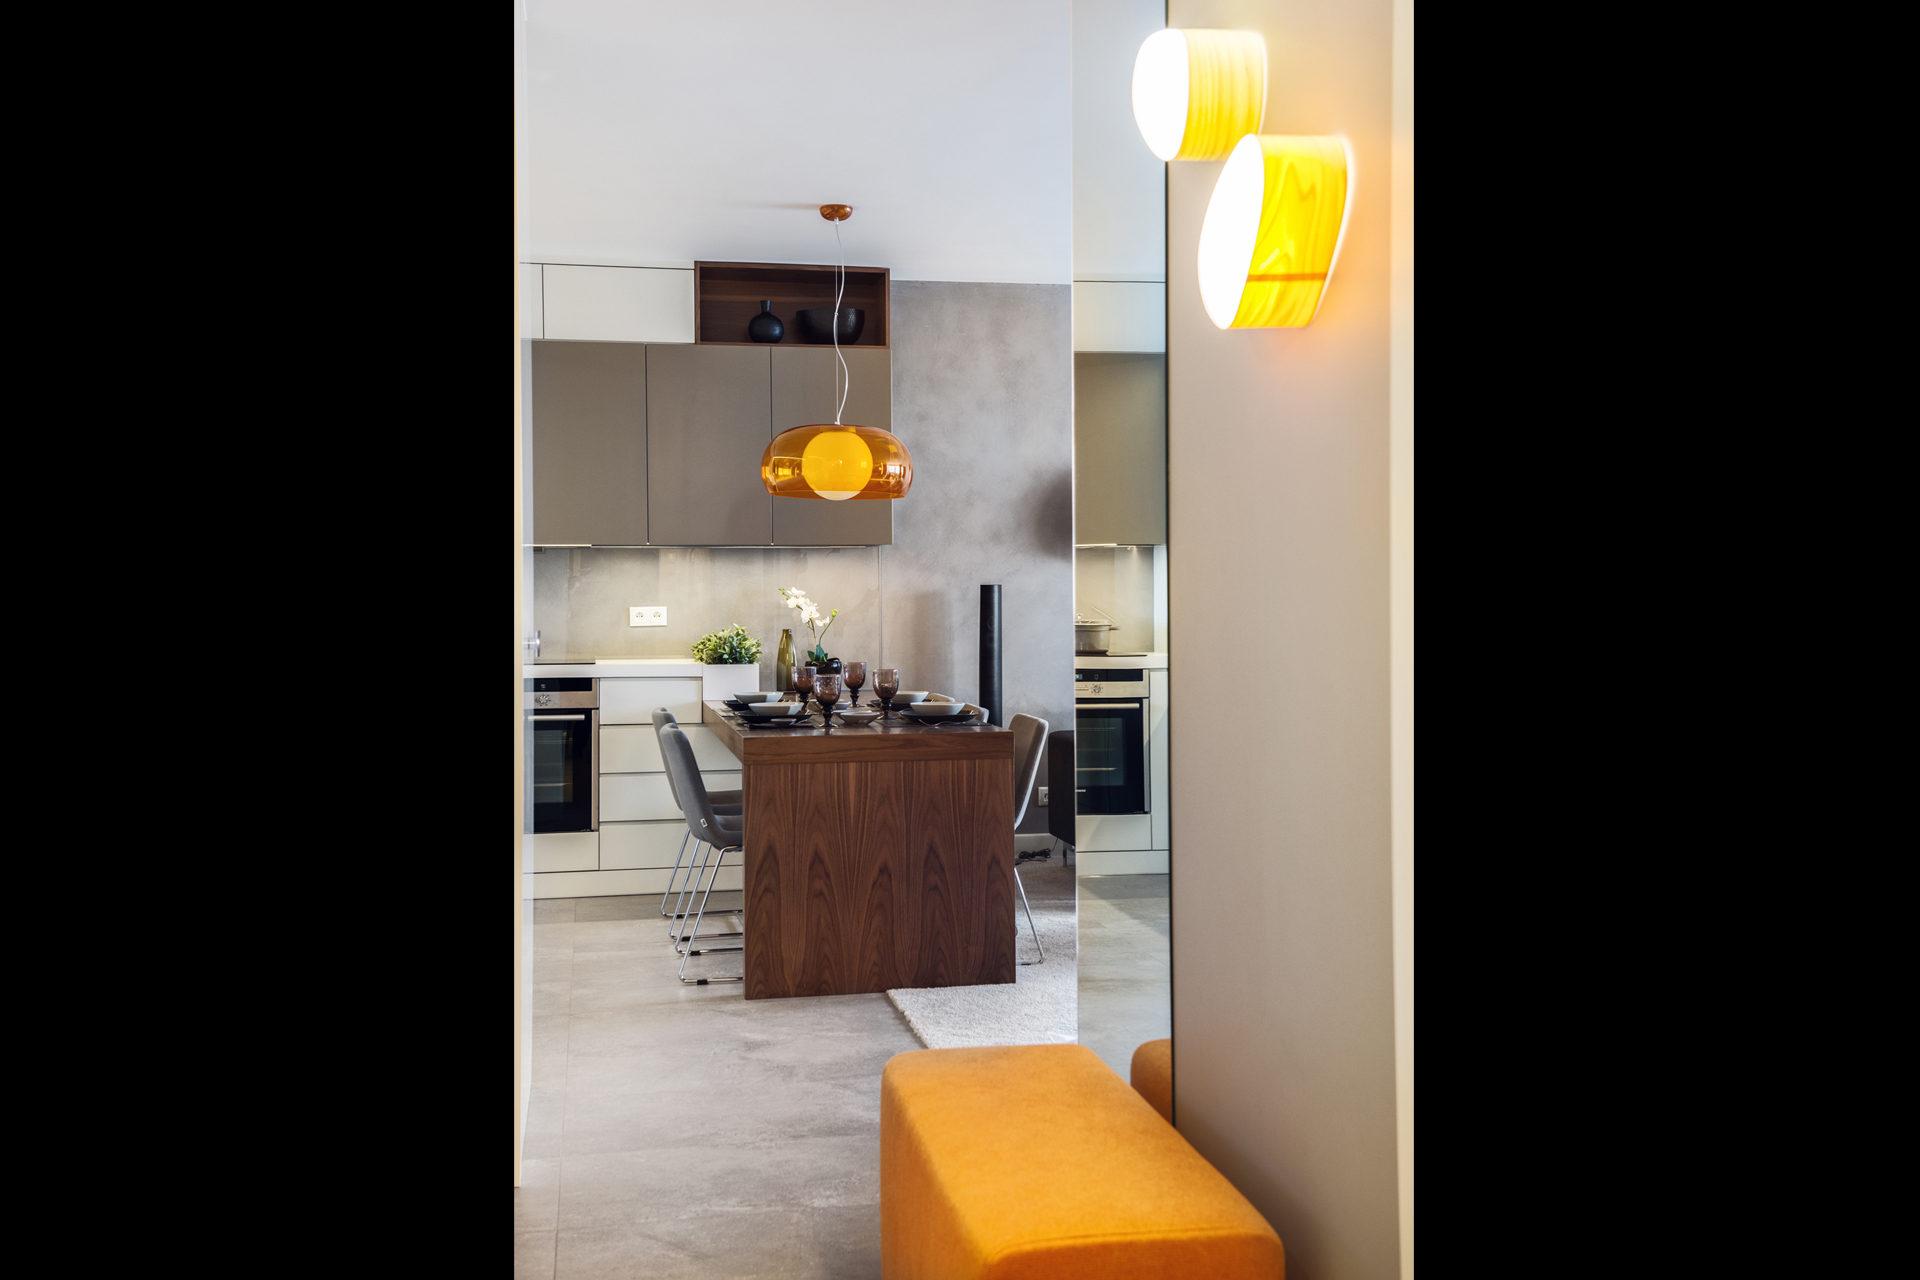 Mieszkanie w Gdyni 2013 - 03 pomarańczowy puf kinkiety lampa stół krzesła